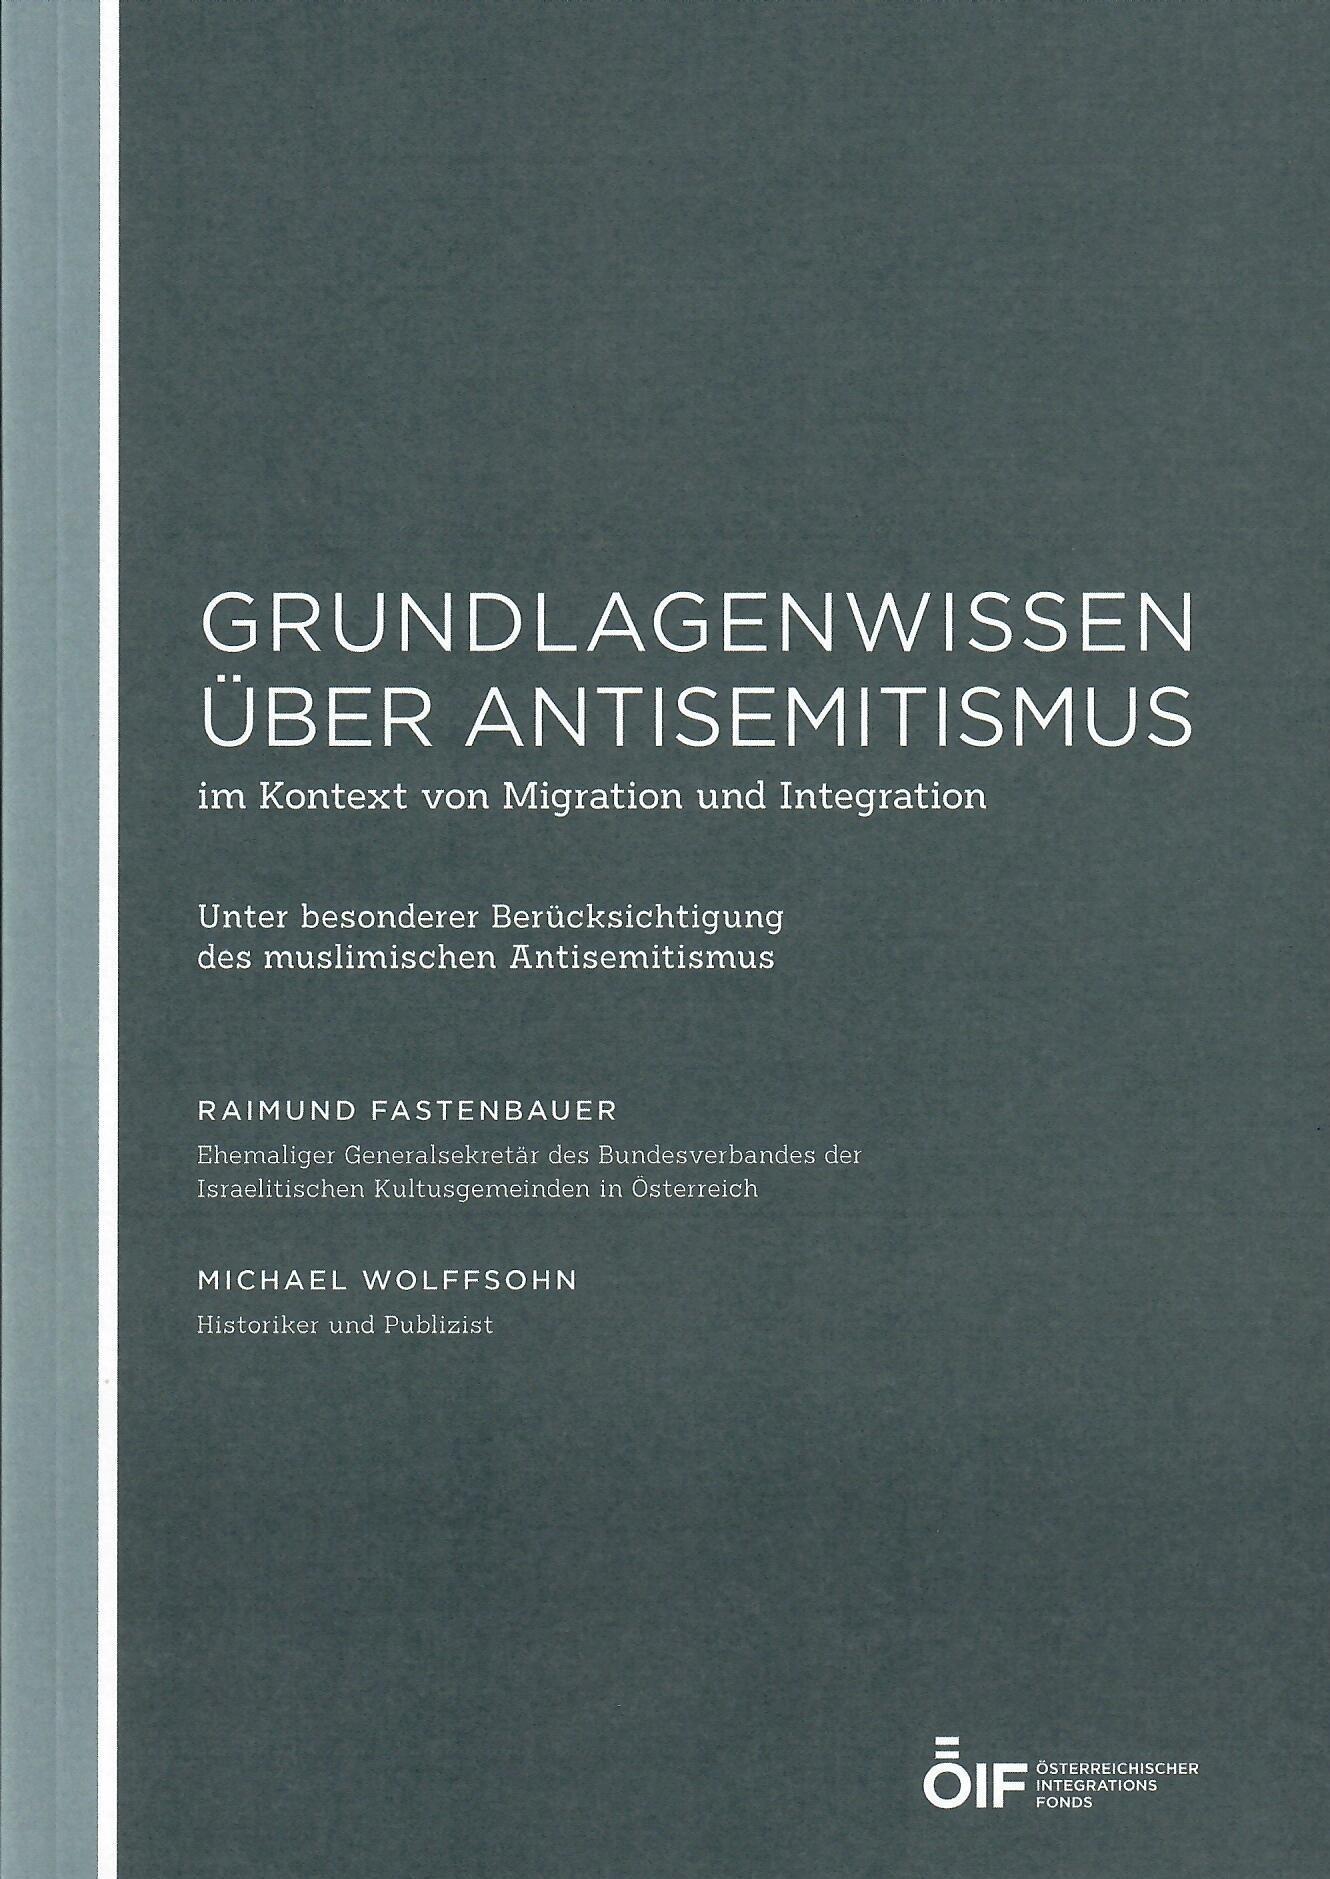 Grundlagenwissen über Antisemitismus